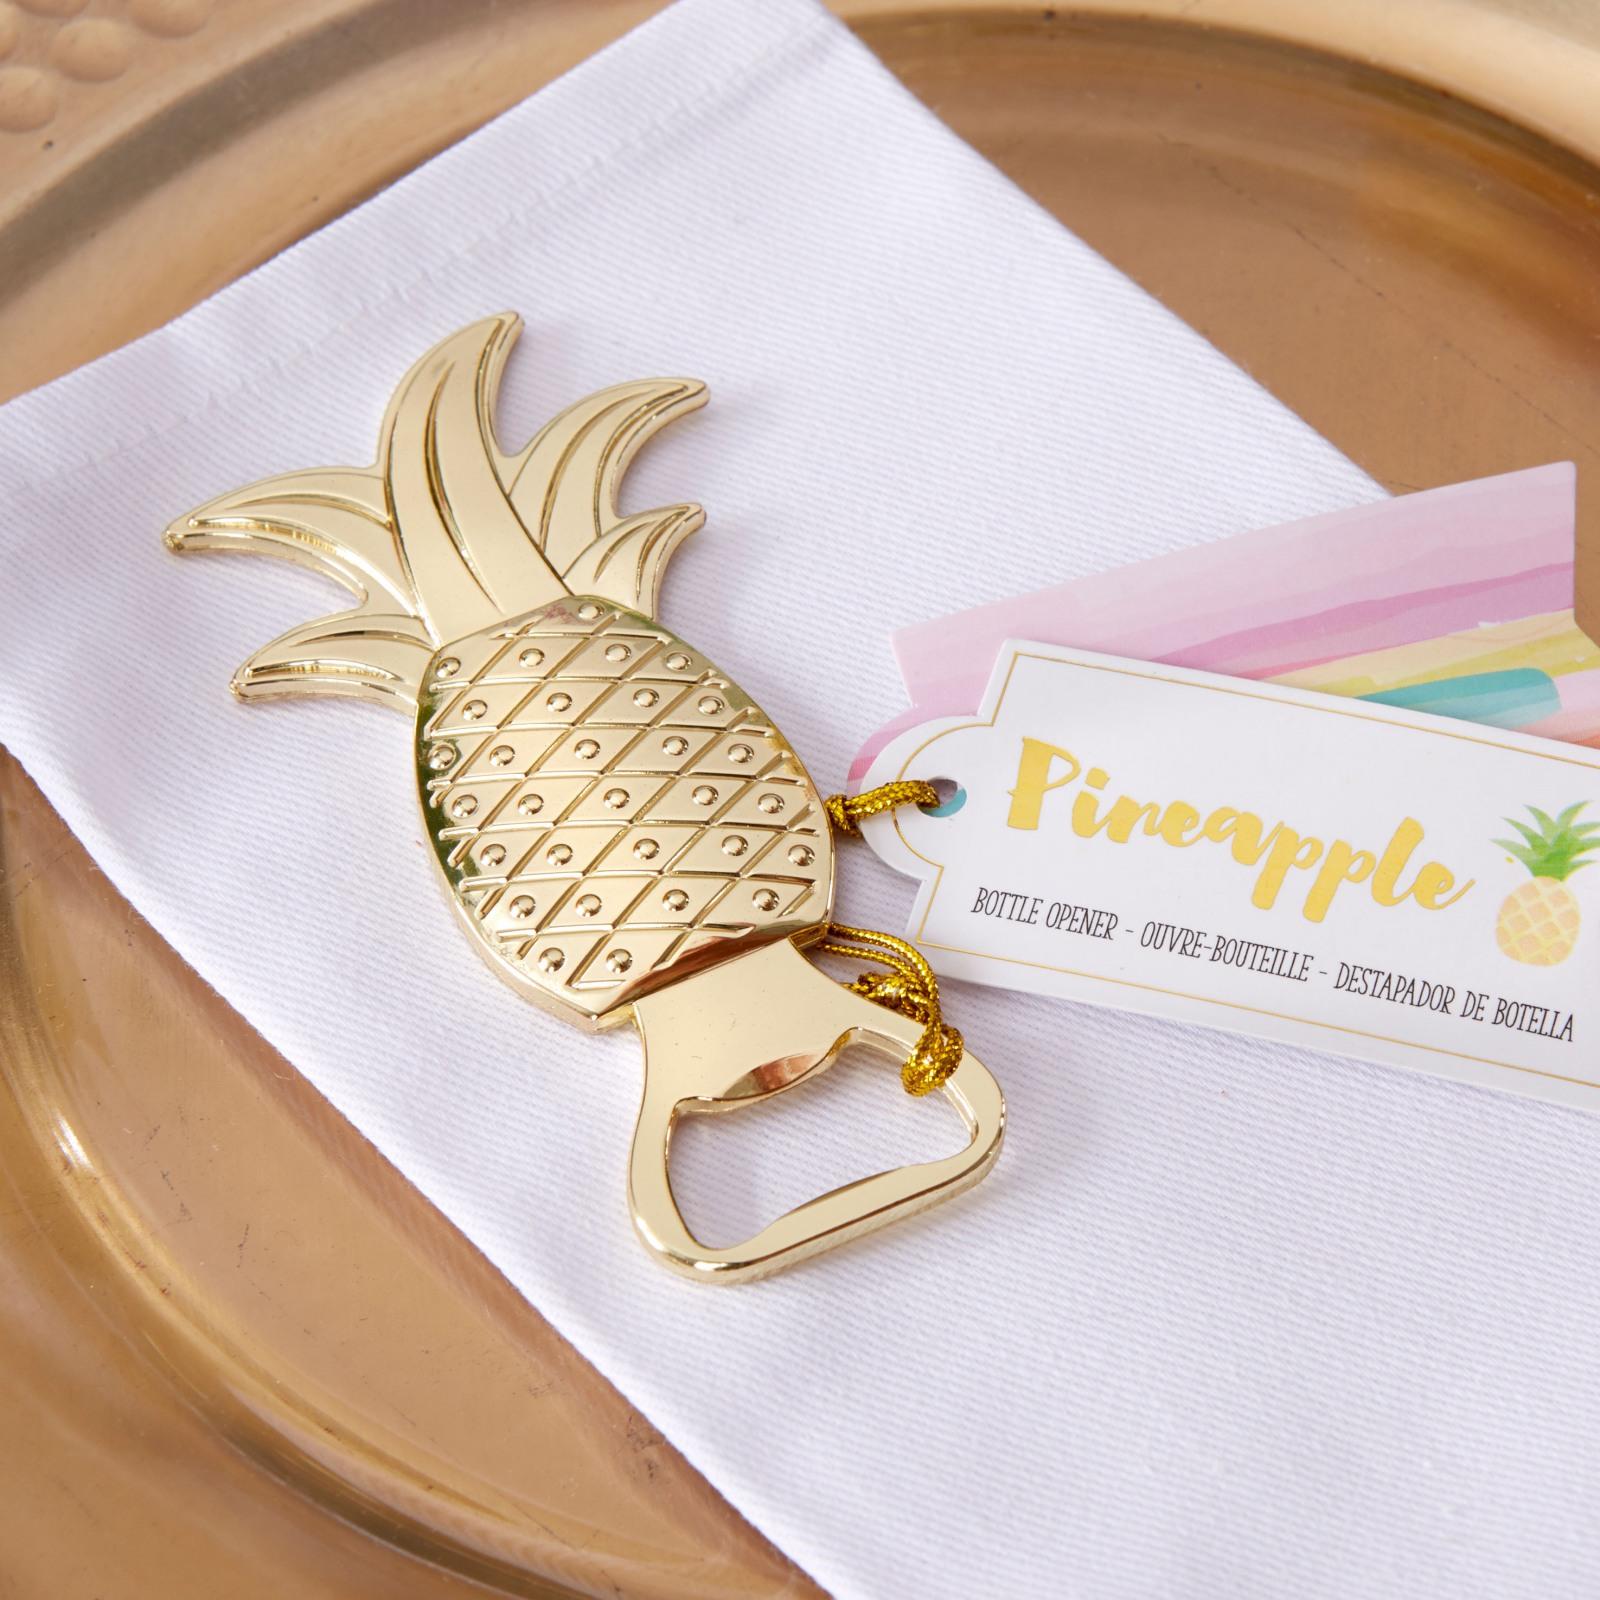 Pineapple Bottle Opener 8667